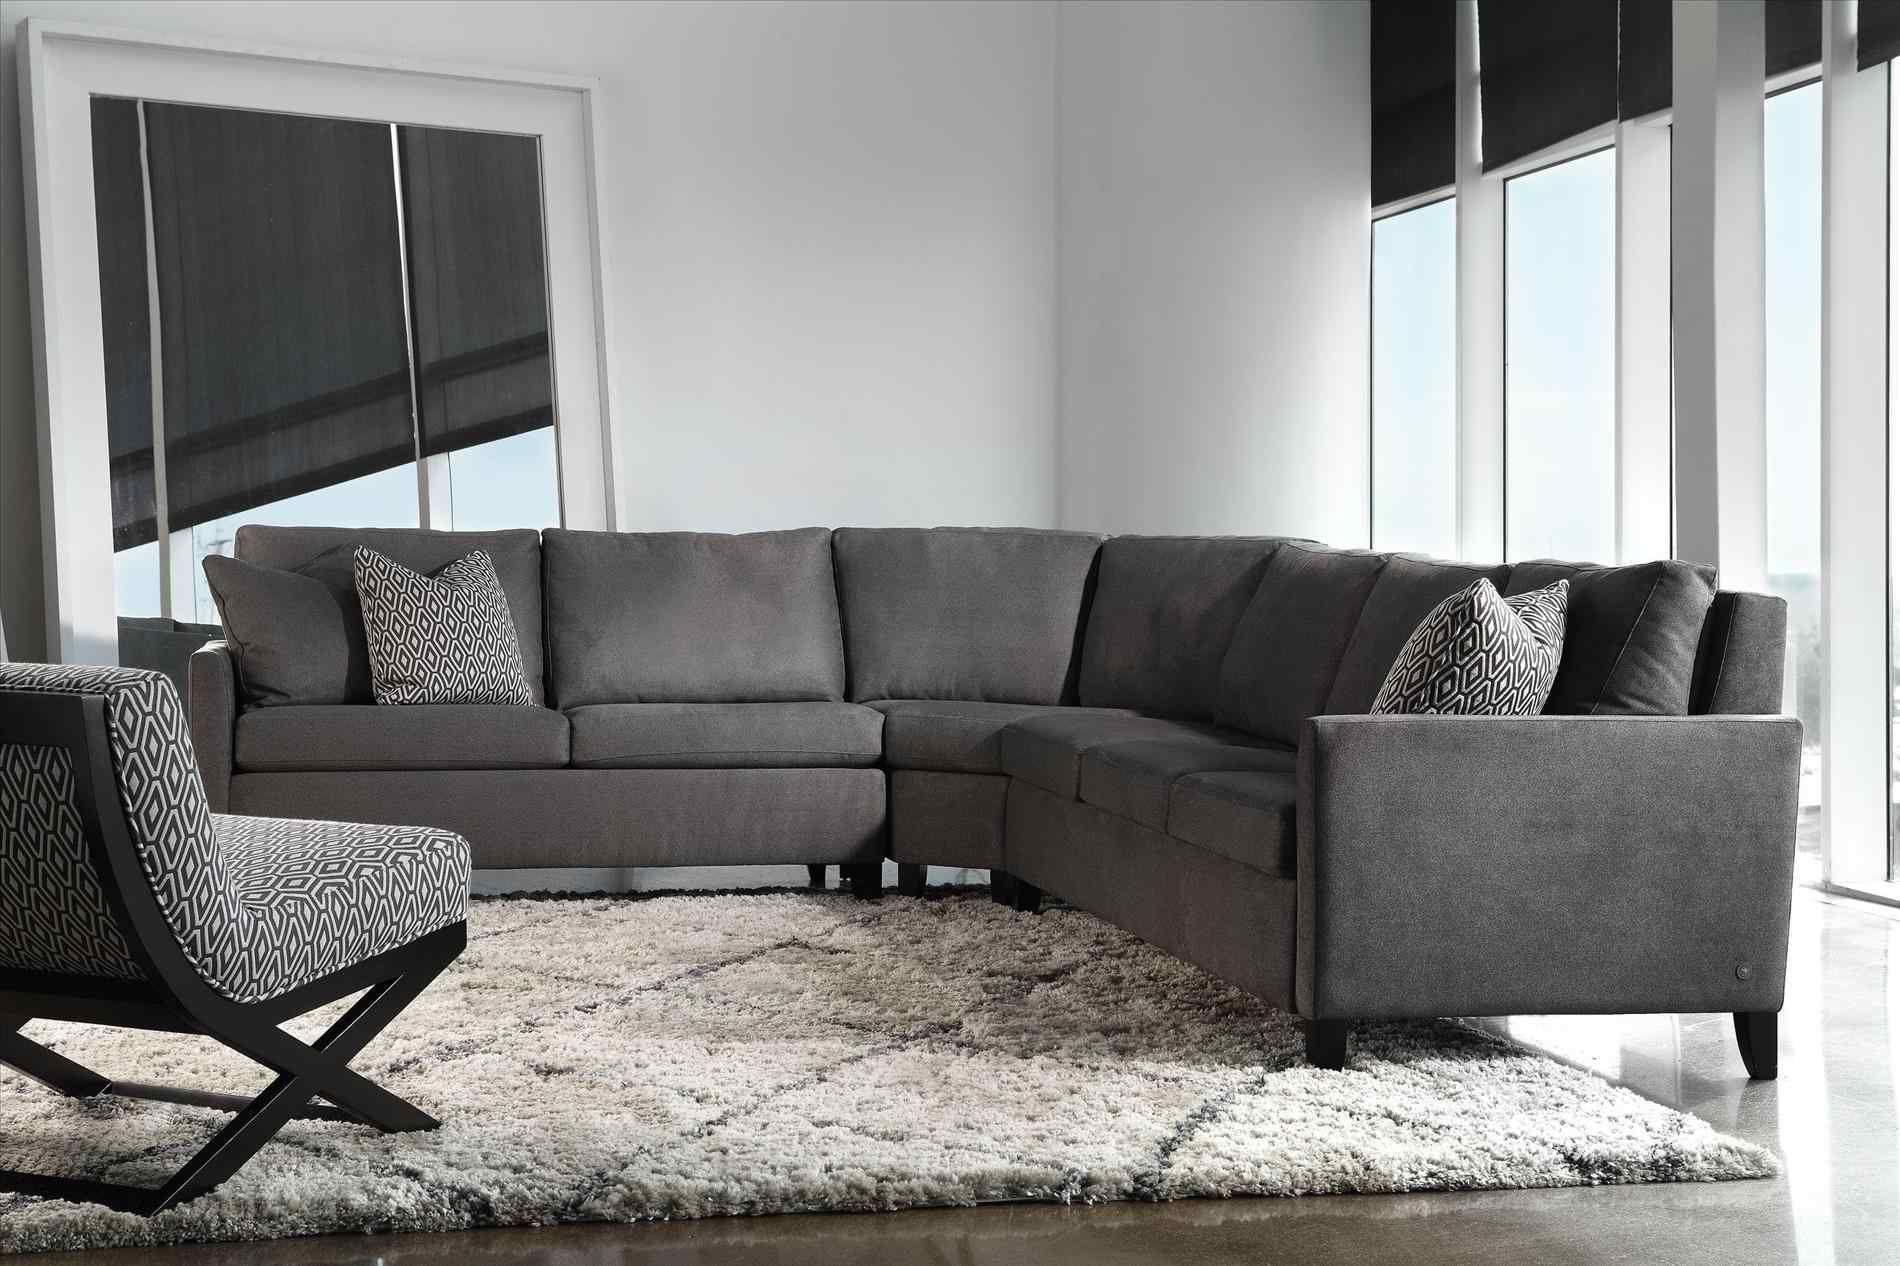 2016 modern sleeper sofas for appealing modern homes